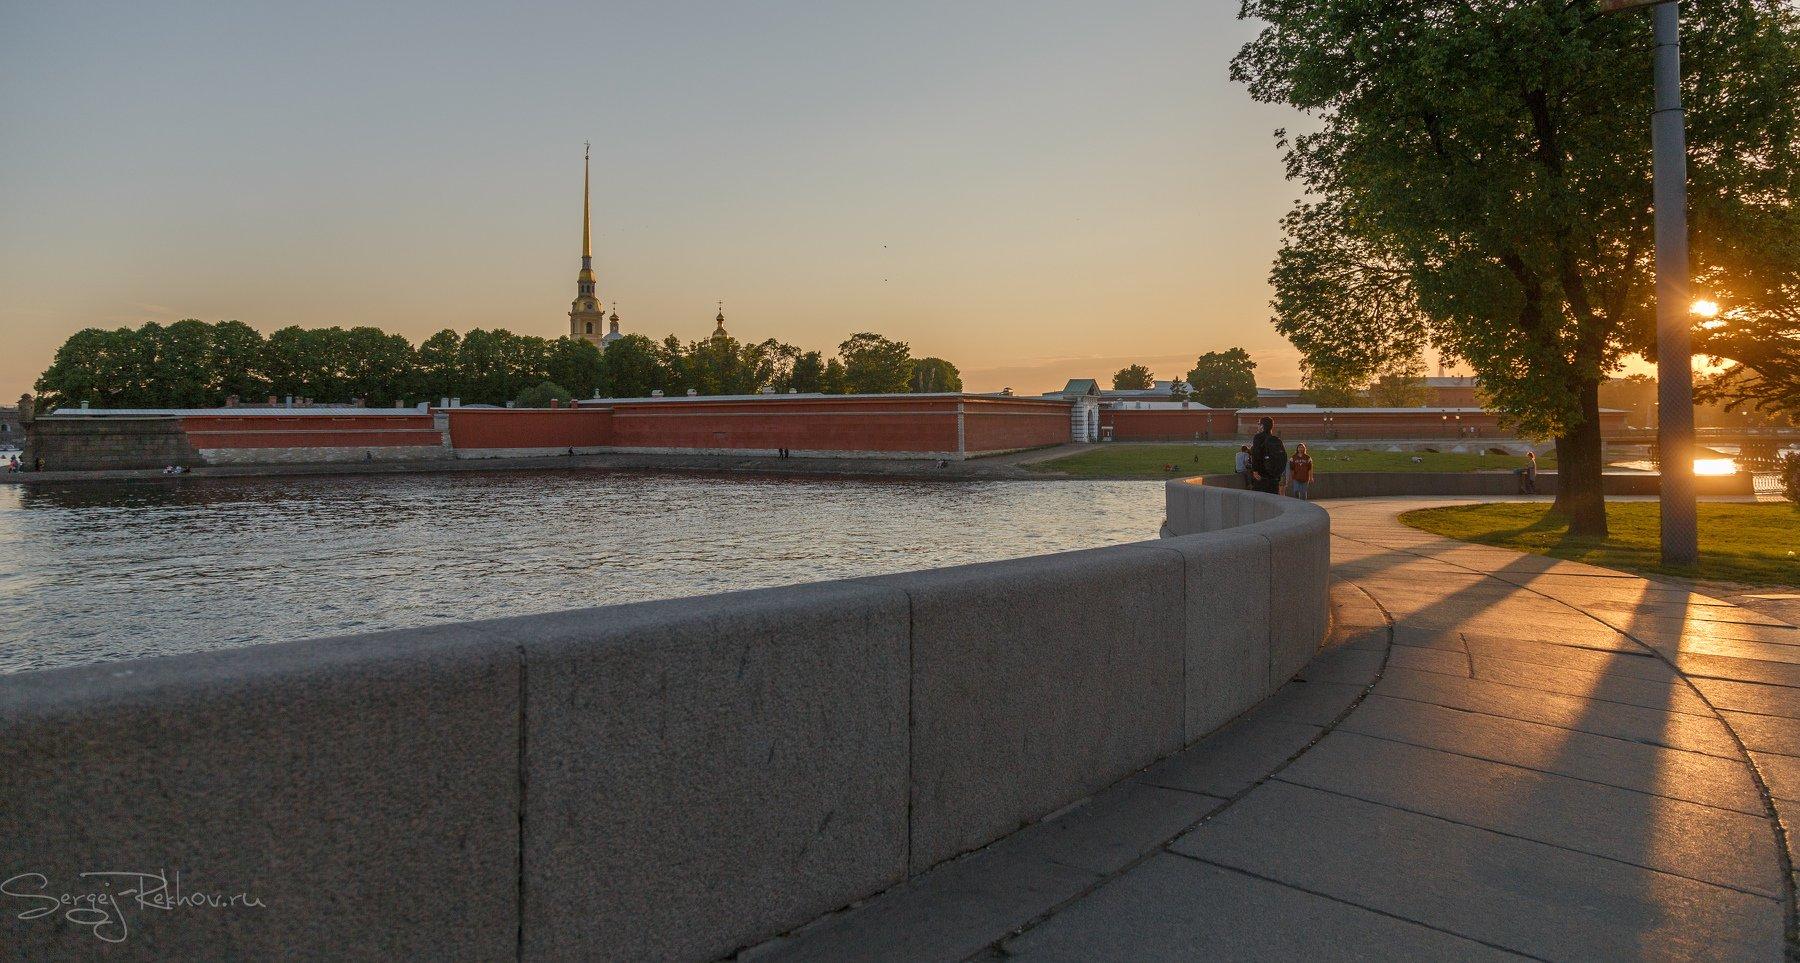 питер, санкт-петербург, спб, севернаяпальмира, вечер, rekhov, Сергей Рехов